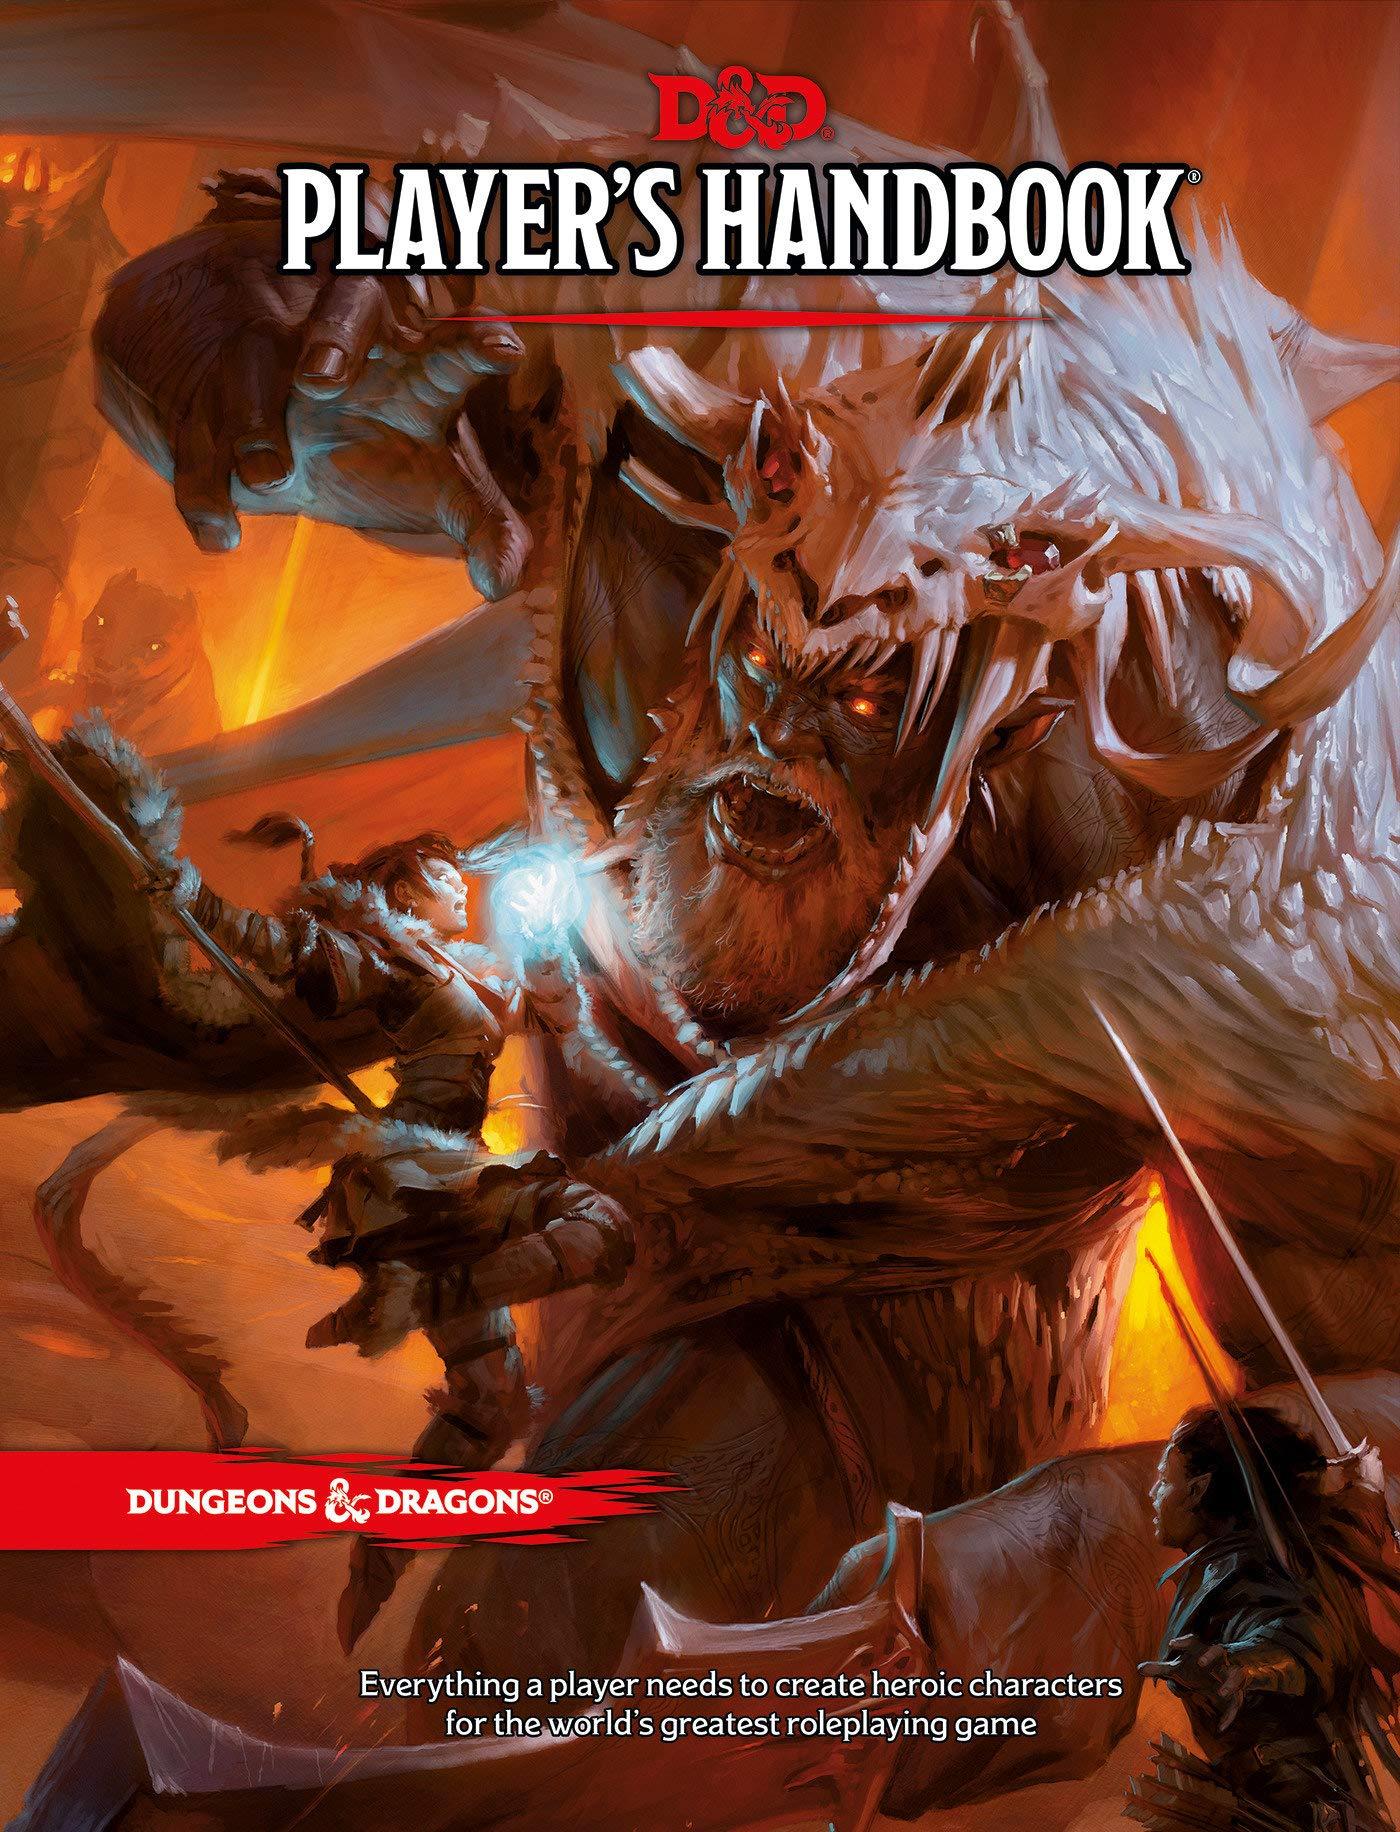 Dungeons & Dragons D&D Players Handbook